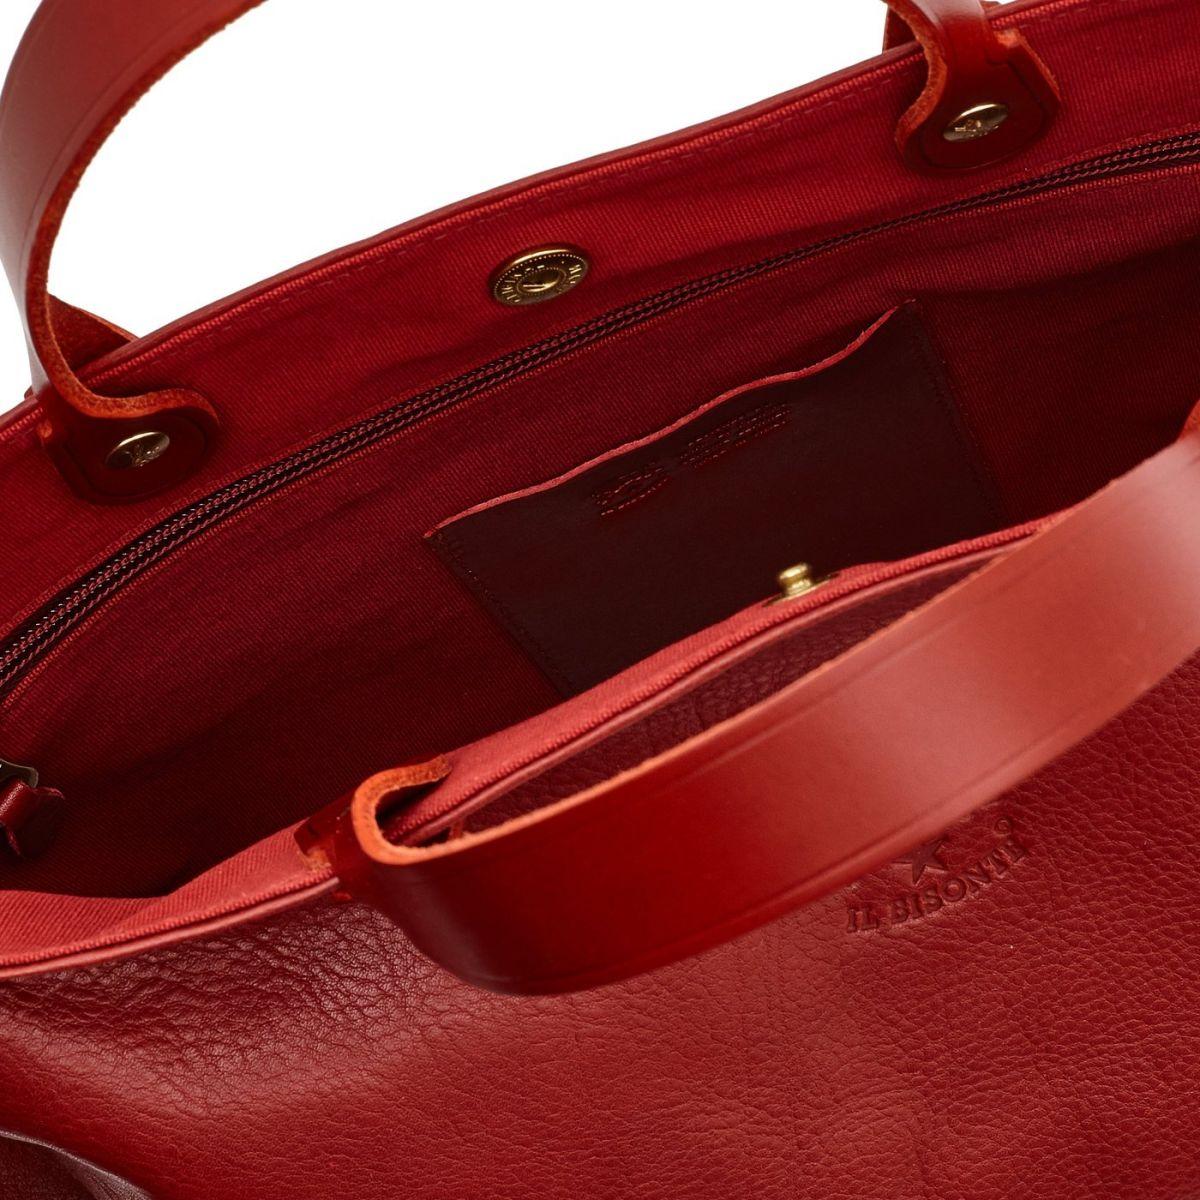 Borsa A Mano da Donna in Doppia Pelle Di Vacchetta BTH022 colore Rosso | Details